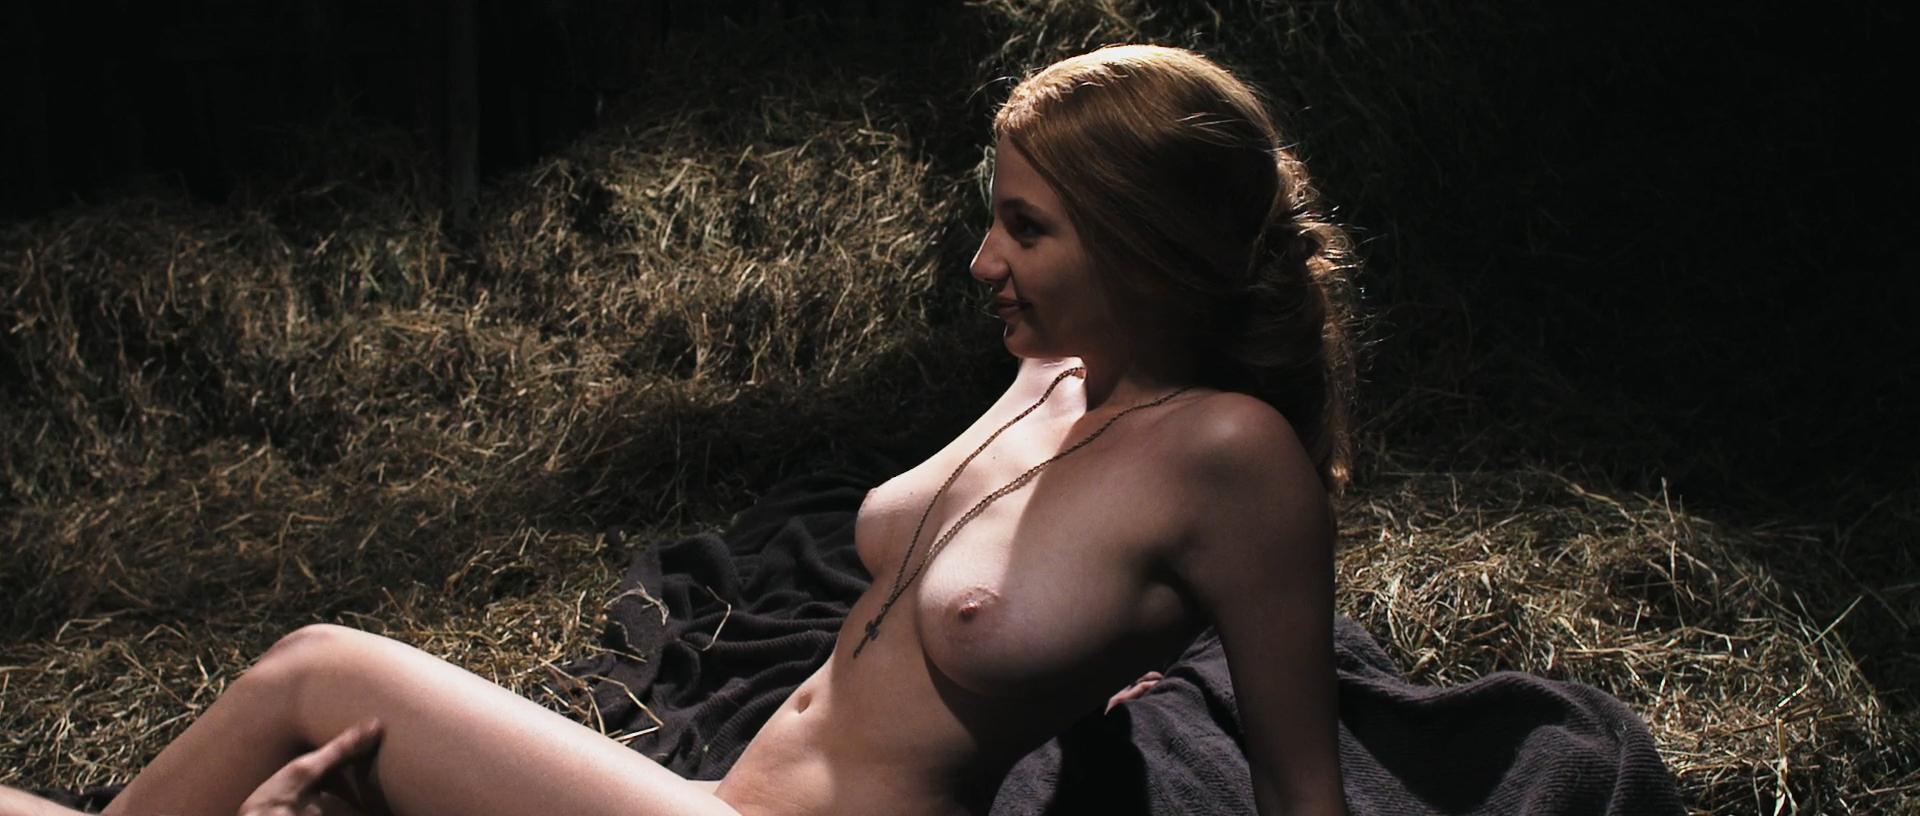 Эротика кино фильм насинник навеску, телочка трахается с трансом видео